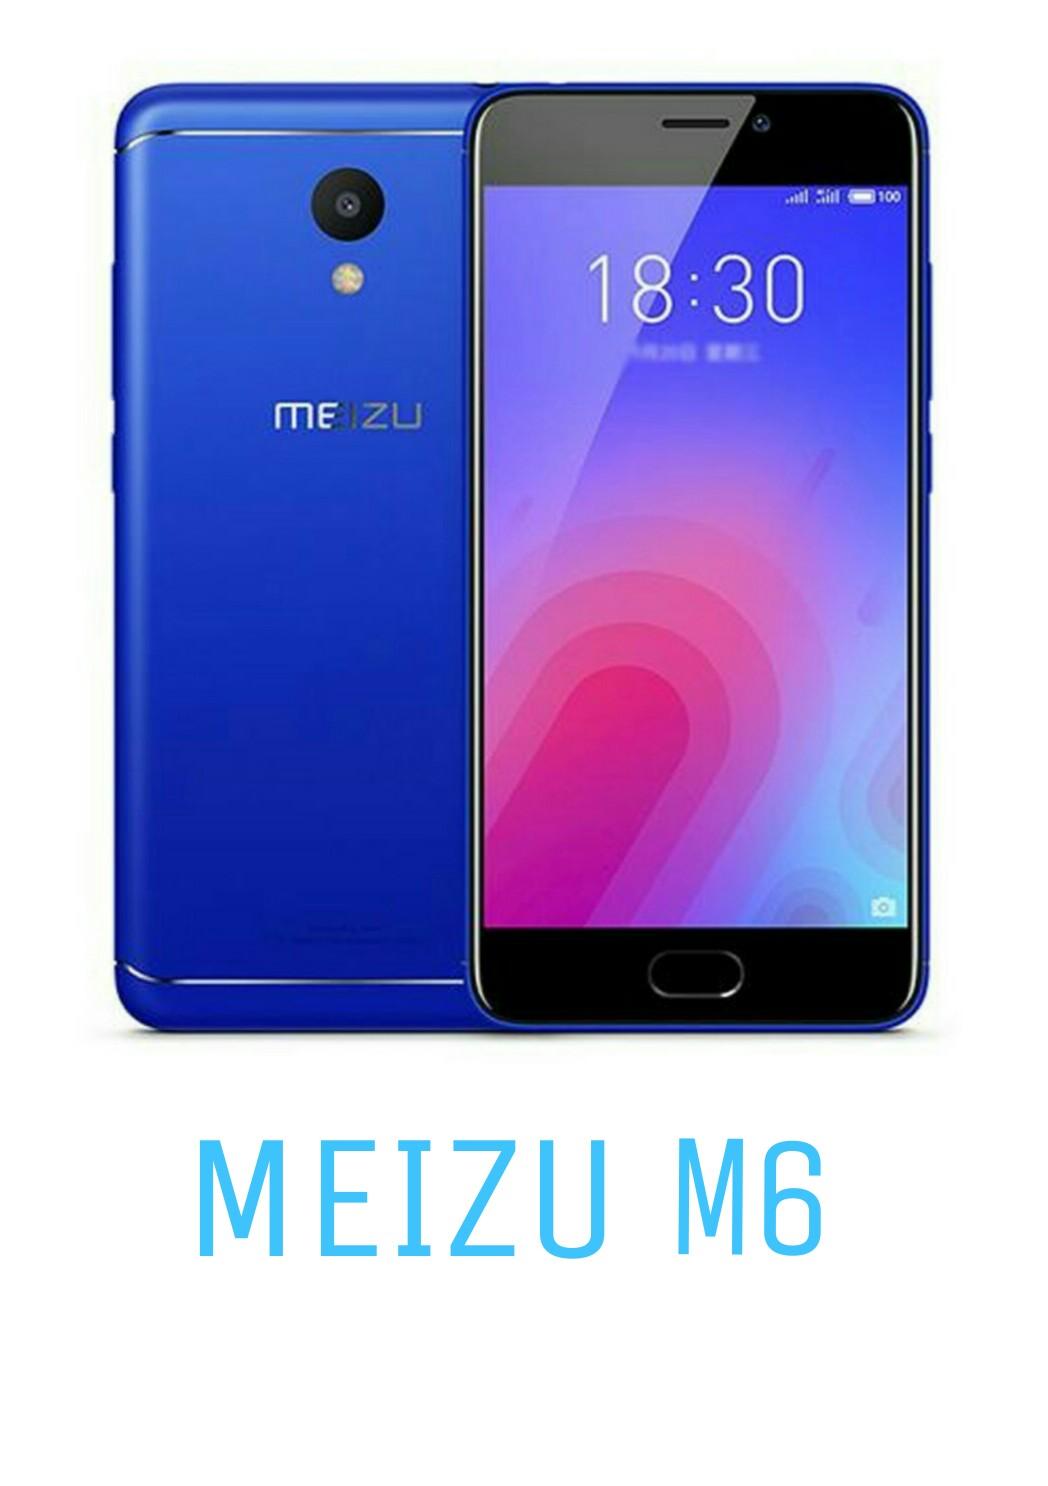 Jual Murah Hp Xiomi Redmi 5a Terbaru 2018 Kedaung Gelas Hgp10478 Icc 01 Meizu M6 Handphone Fingerprint Pesaing Xiaomi Tips Octa Cores Spek